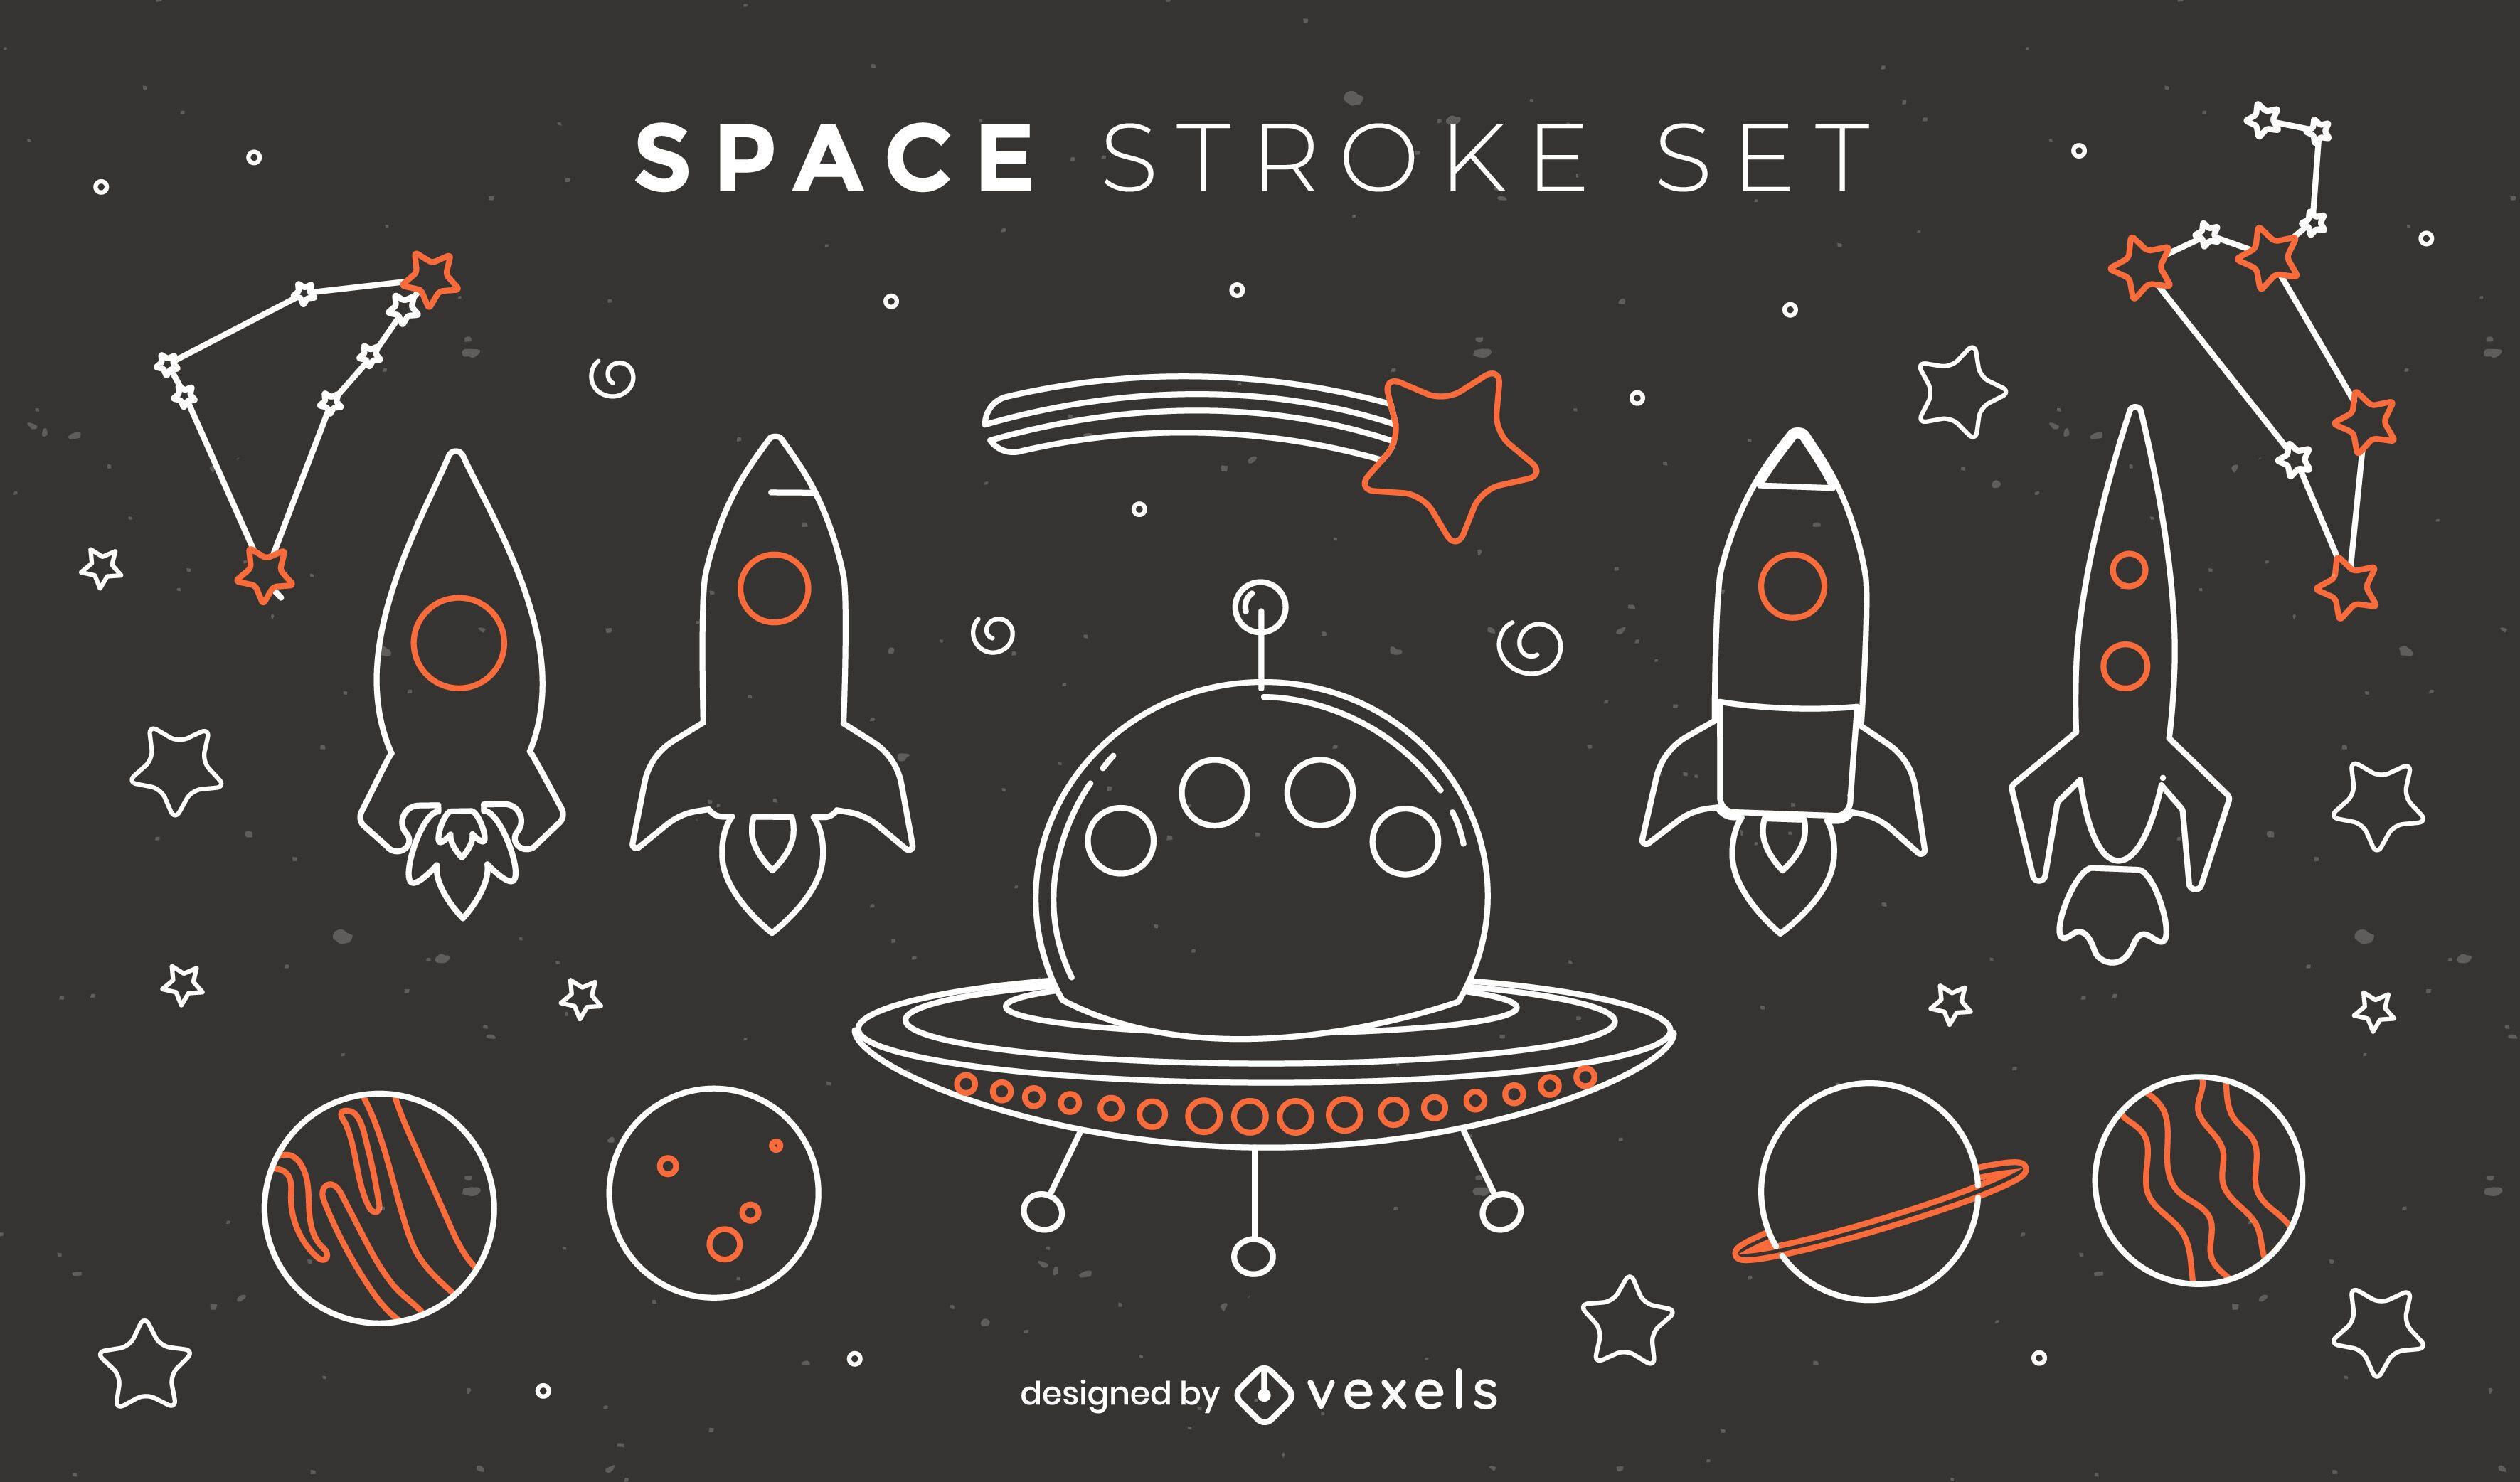 Lançamento de foguetes espaciais e naves